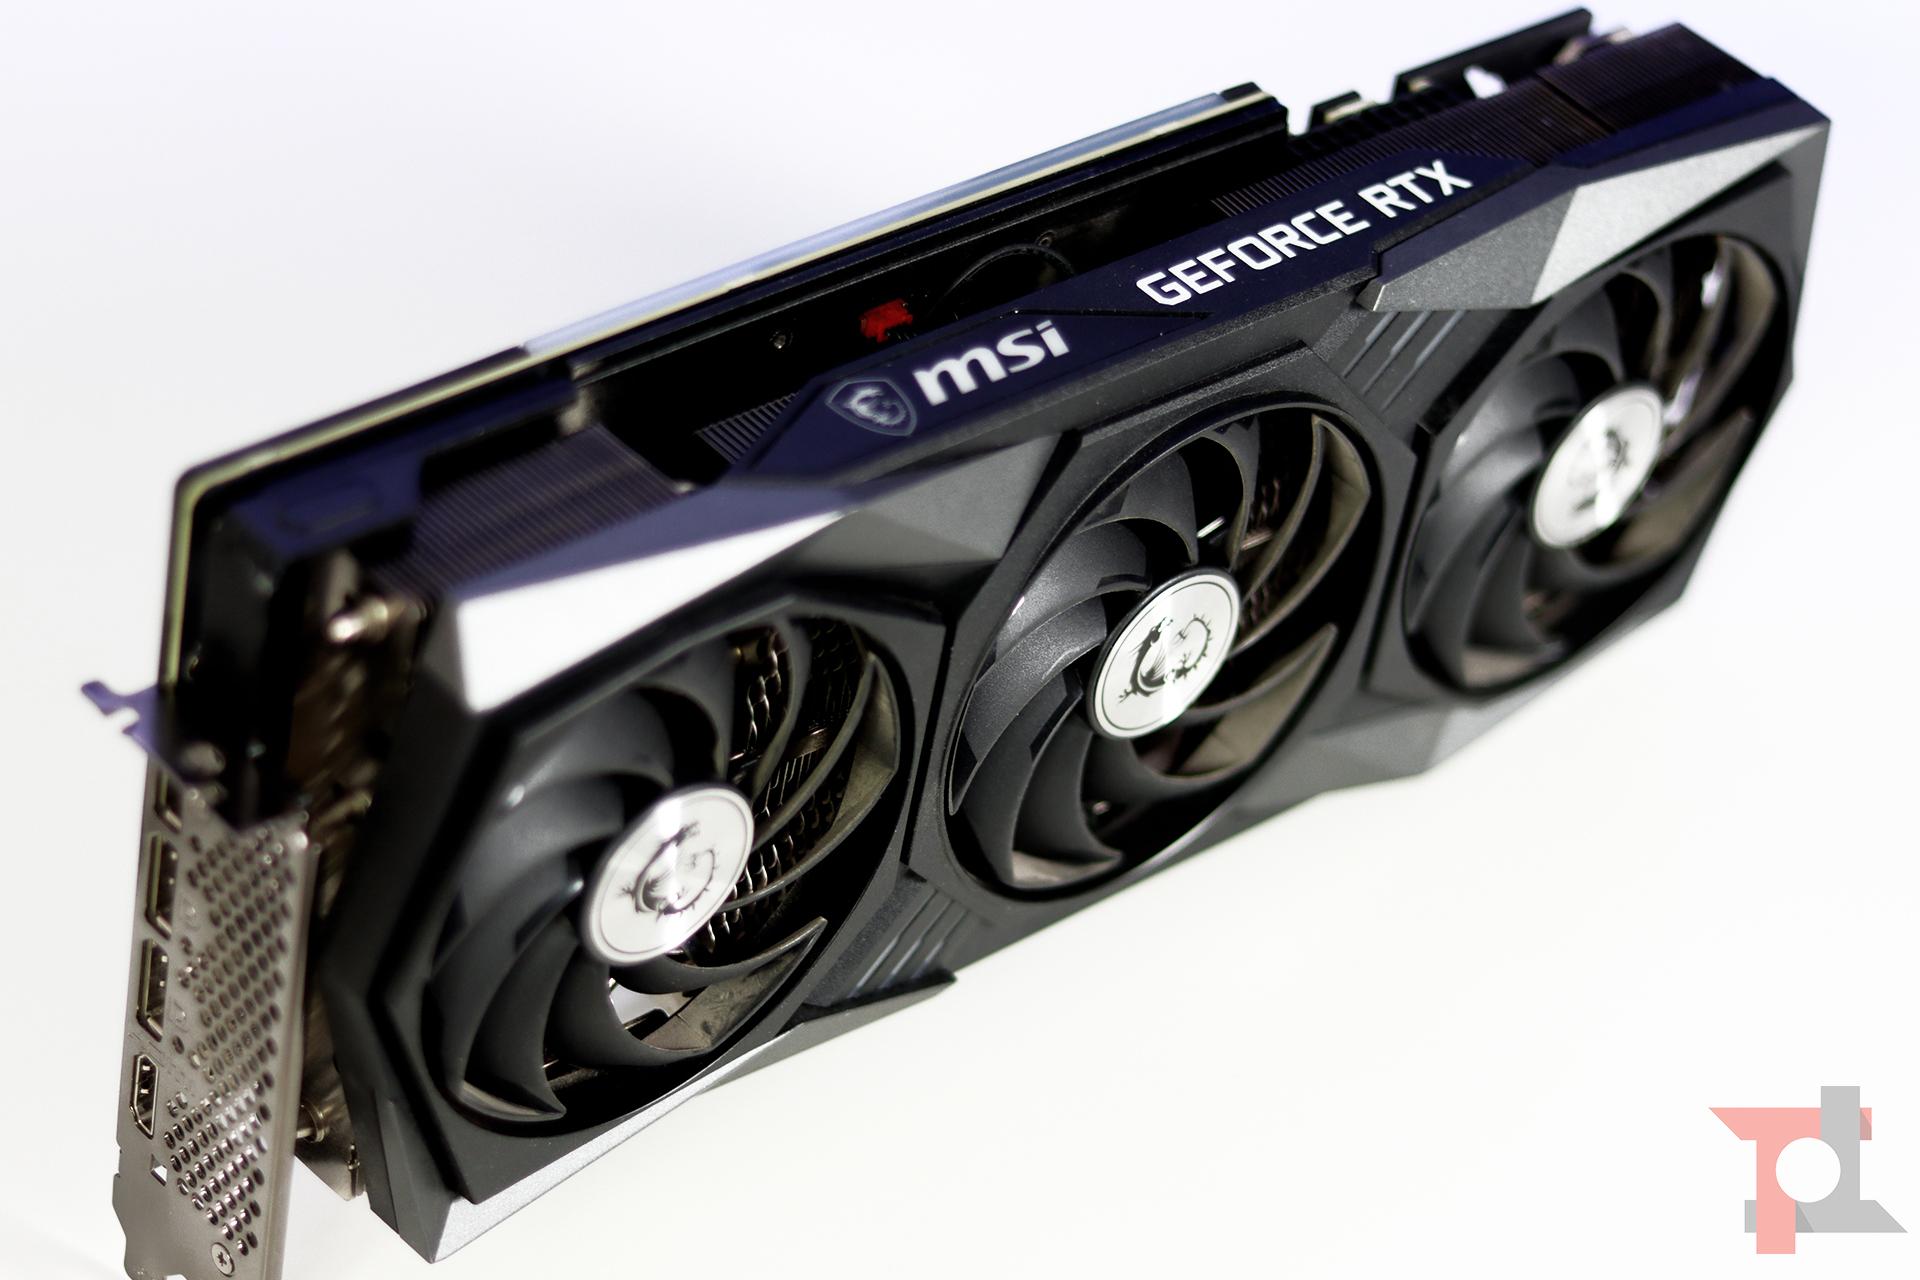 PC Build 1000 Euro: ecco la configurazione per content creation e gaming 3